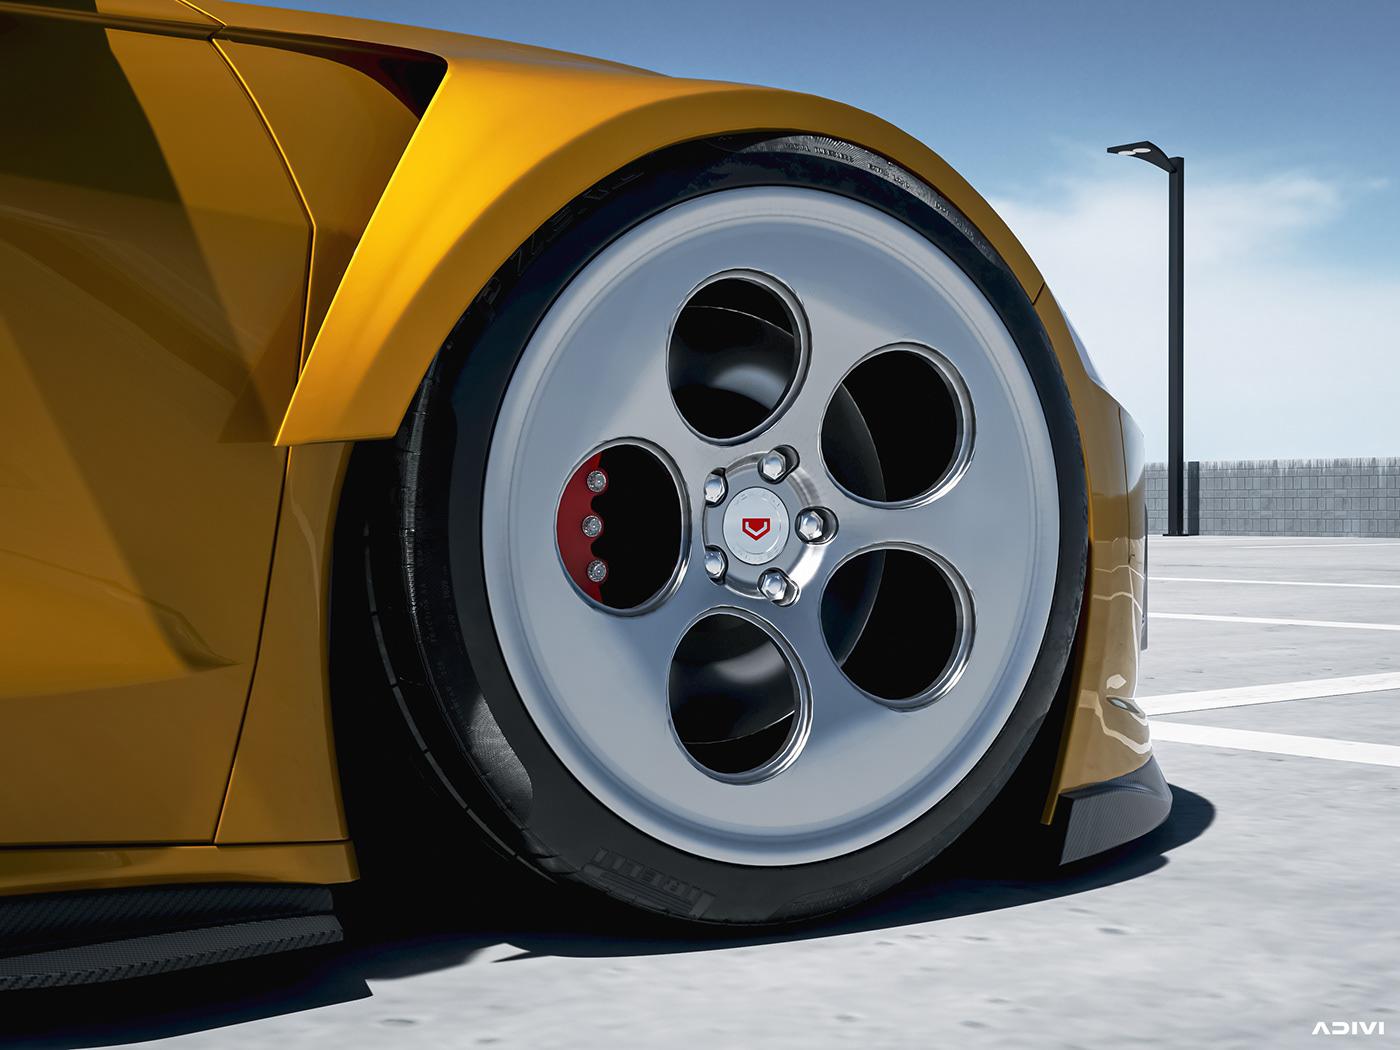 3D CGI CHEVY Corvette Digital Art  ILLUSTRATION  lighting Render